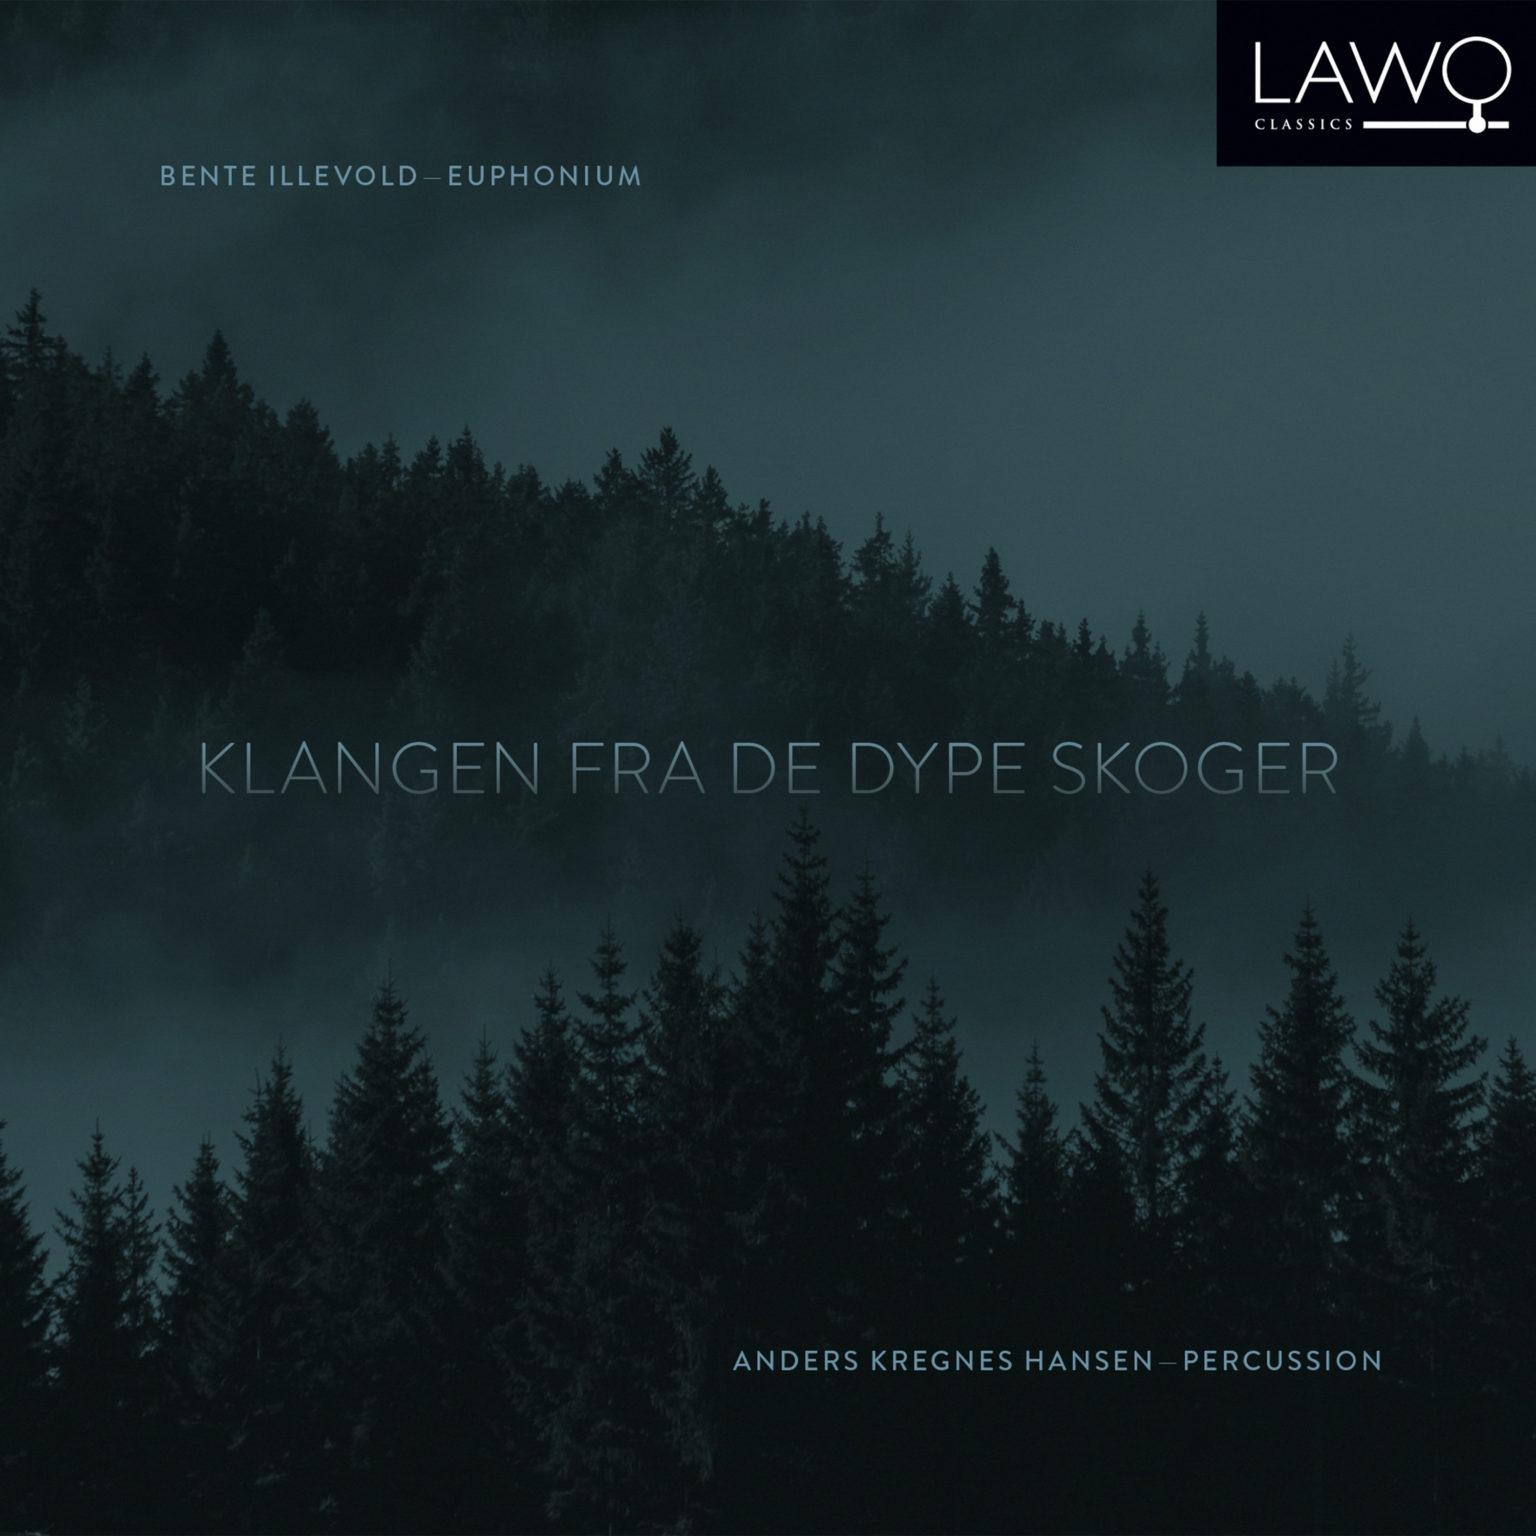 Click image for larger version.  Name:LWC1195_Bente_Illevold_Klangen_fra_de_dype_skoger_cover_3000x3000px-1536x1536.jpg Views:190 Size:174.8 KB ID:7720